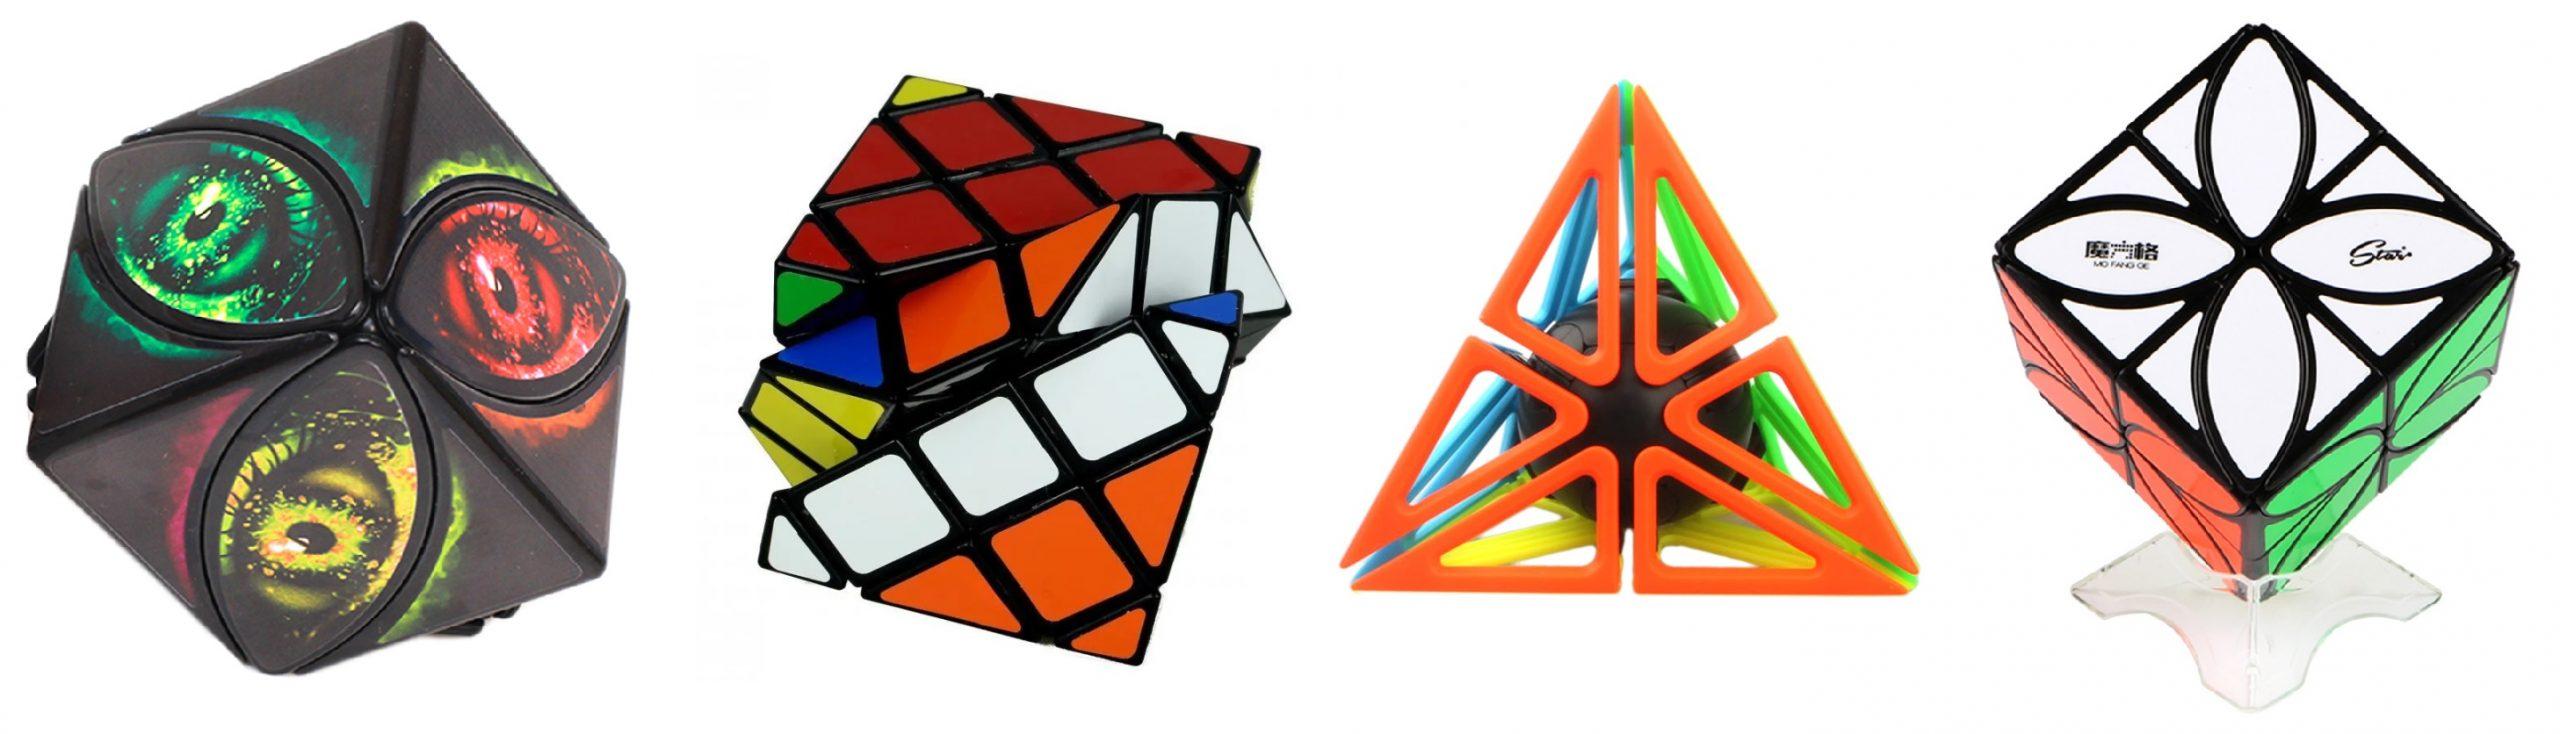 Outros quebra-cabeças